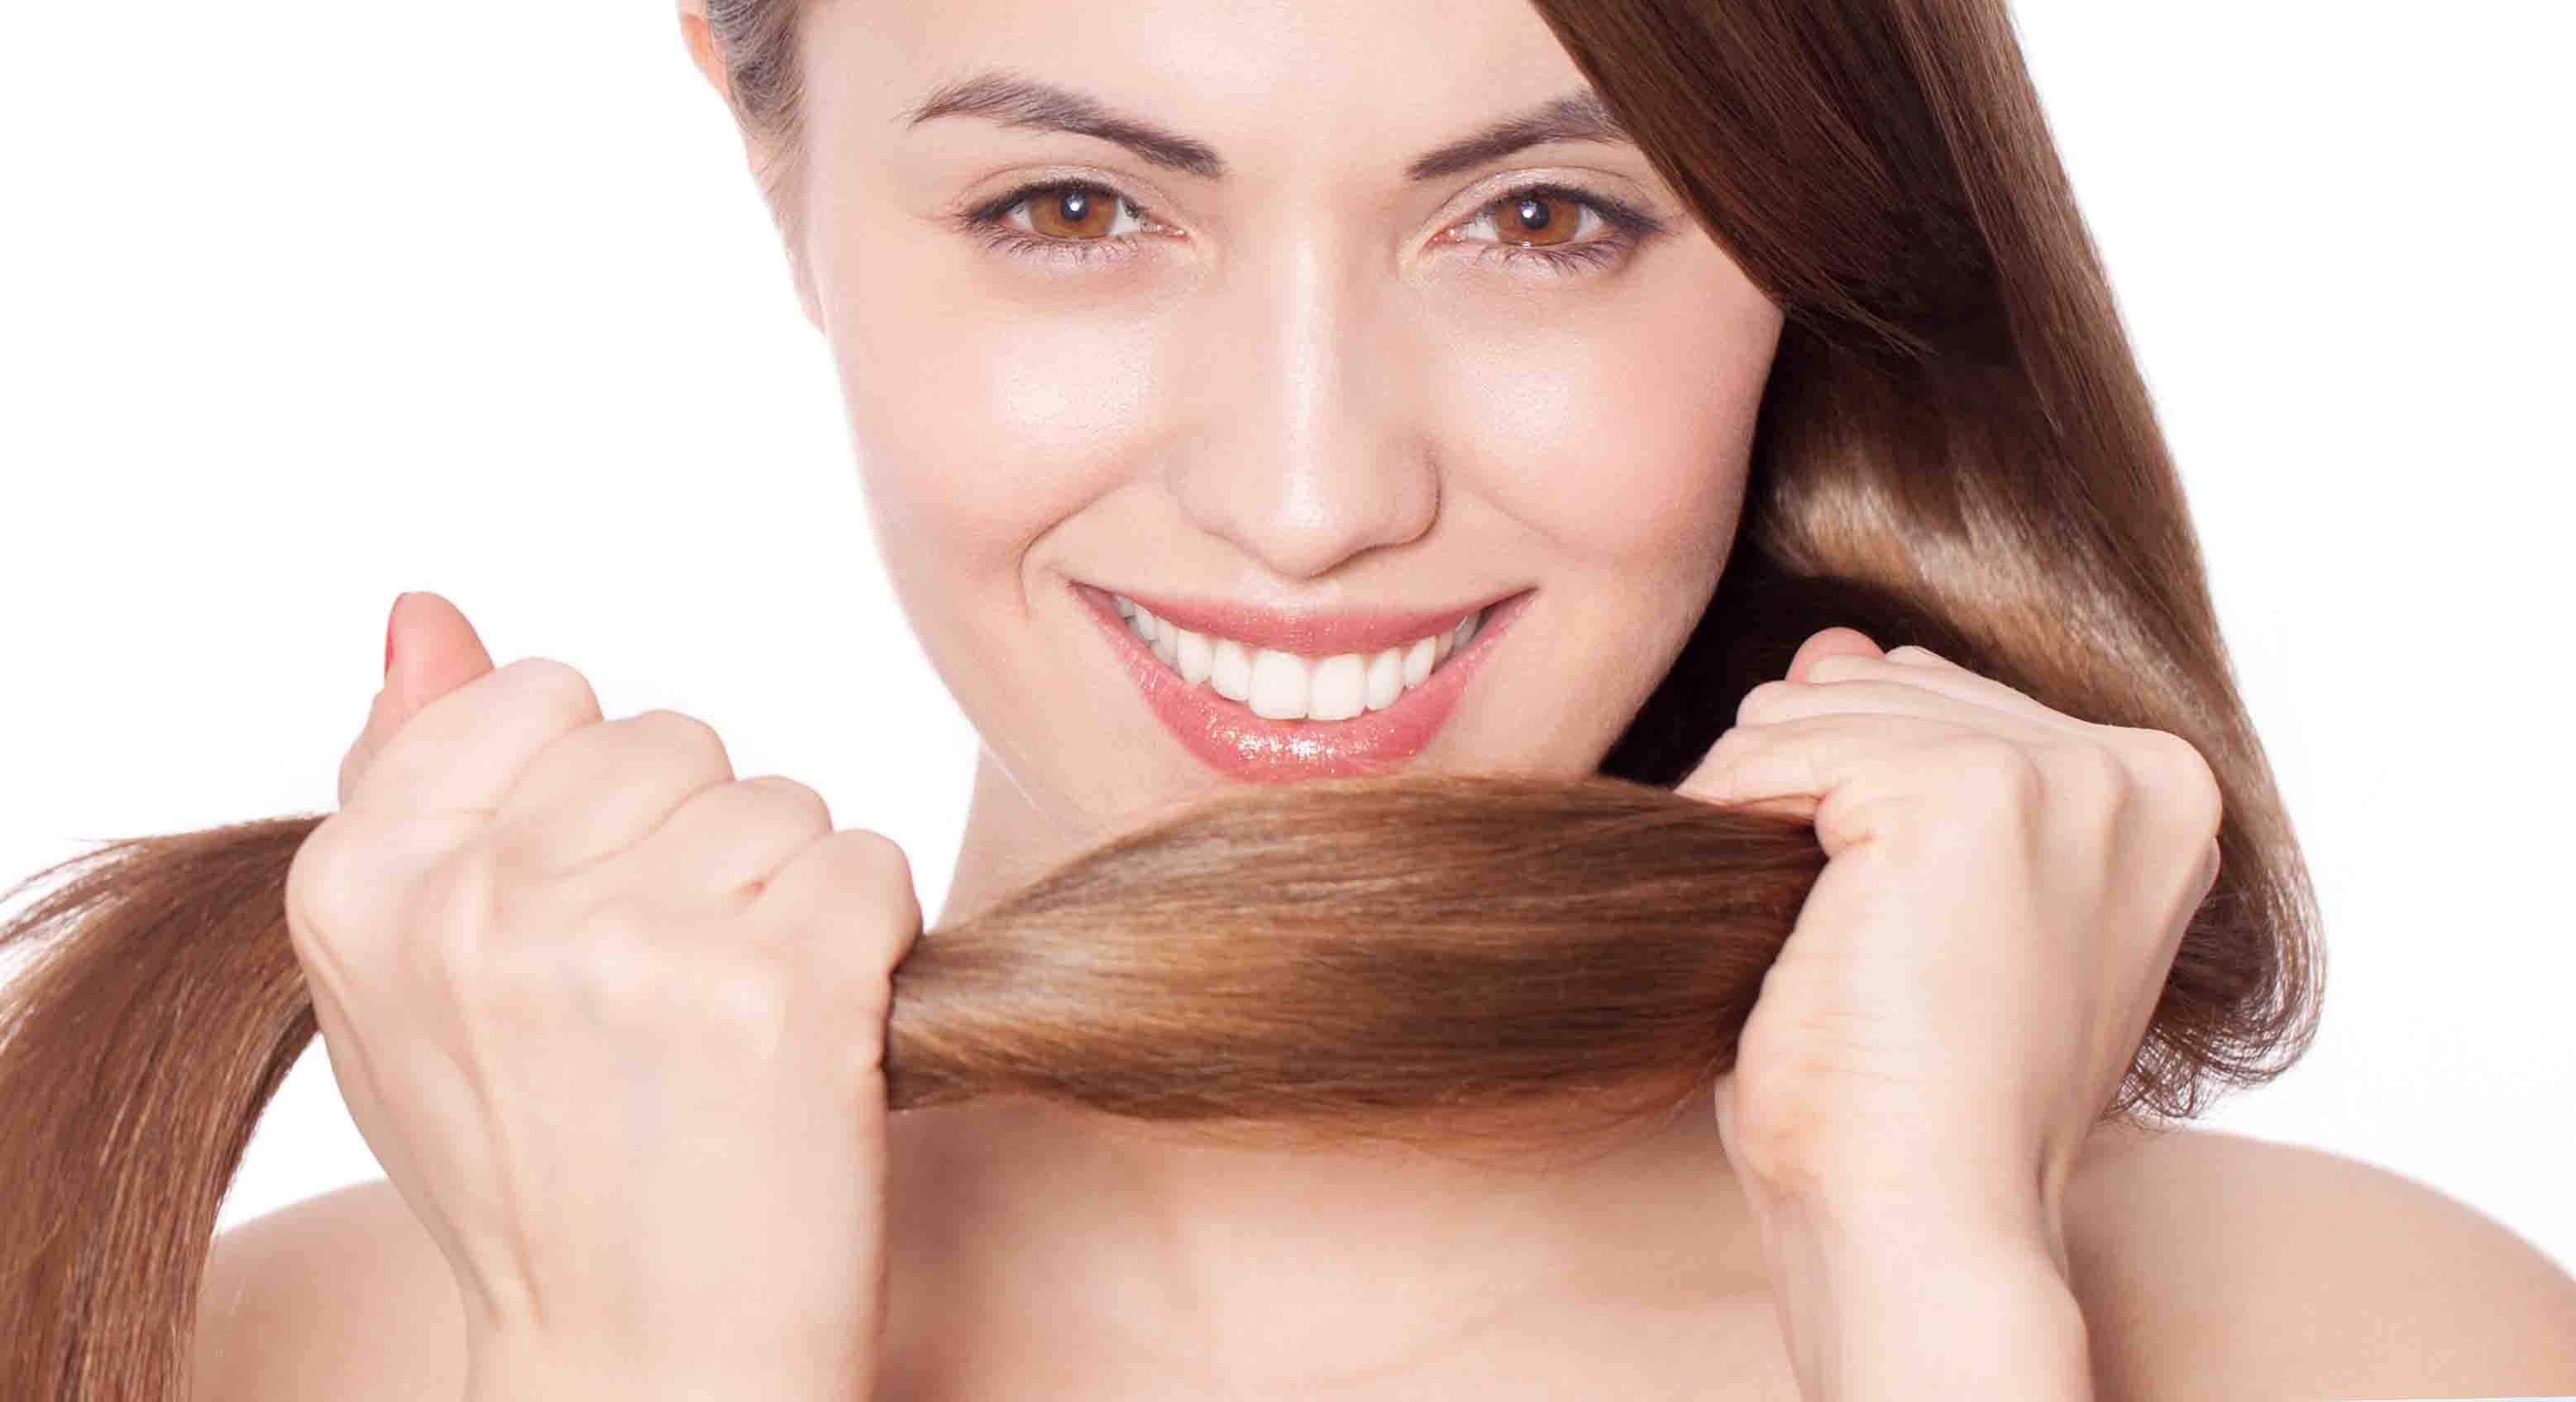 Si quieres prevenir la caída del cabello y fortalecerlo desde dentro de tu organismo, la linaza es el producto perfecto